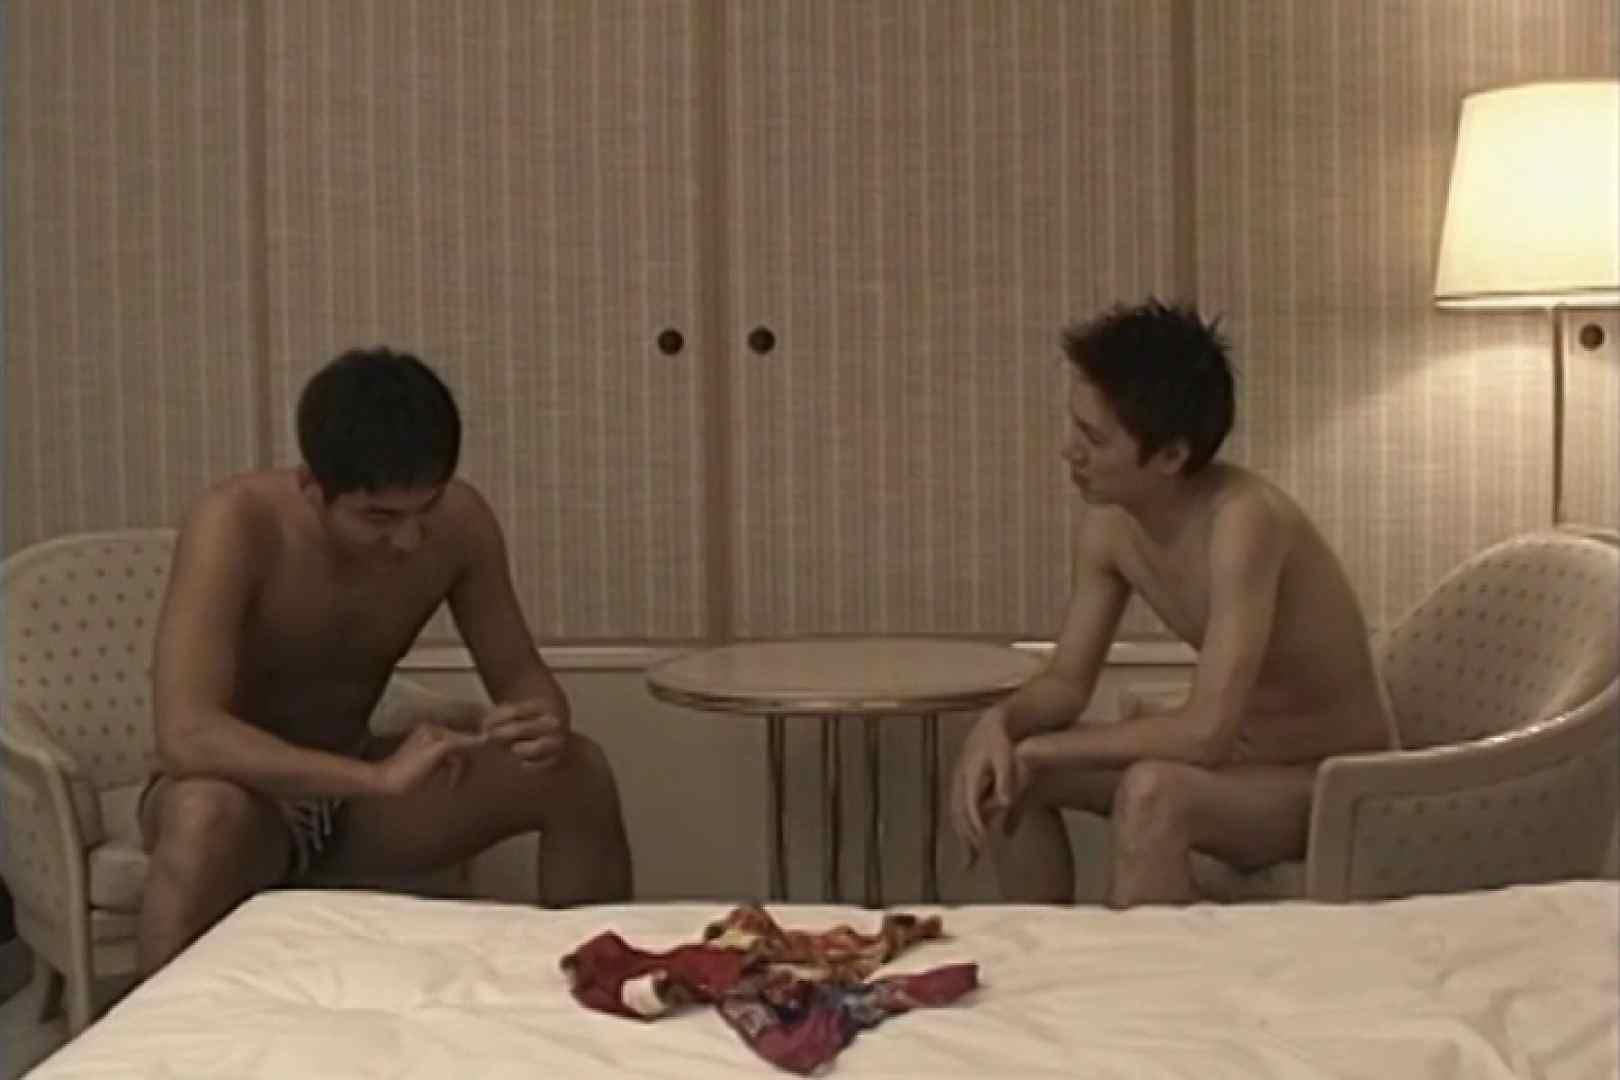 スポメン競パン部、真っ盛り!!Vol.02 スポーツマン 男同士動画 97pic 31